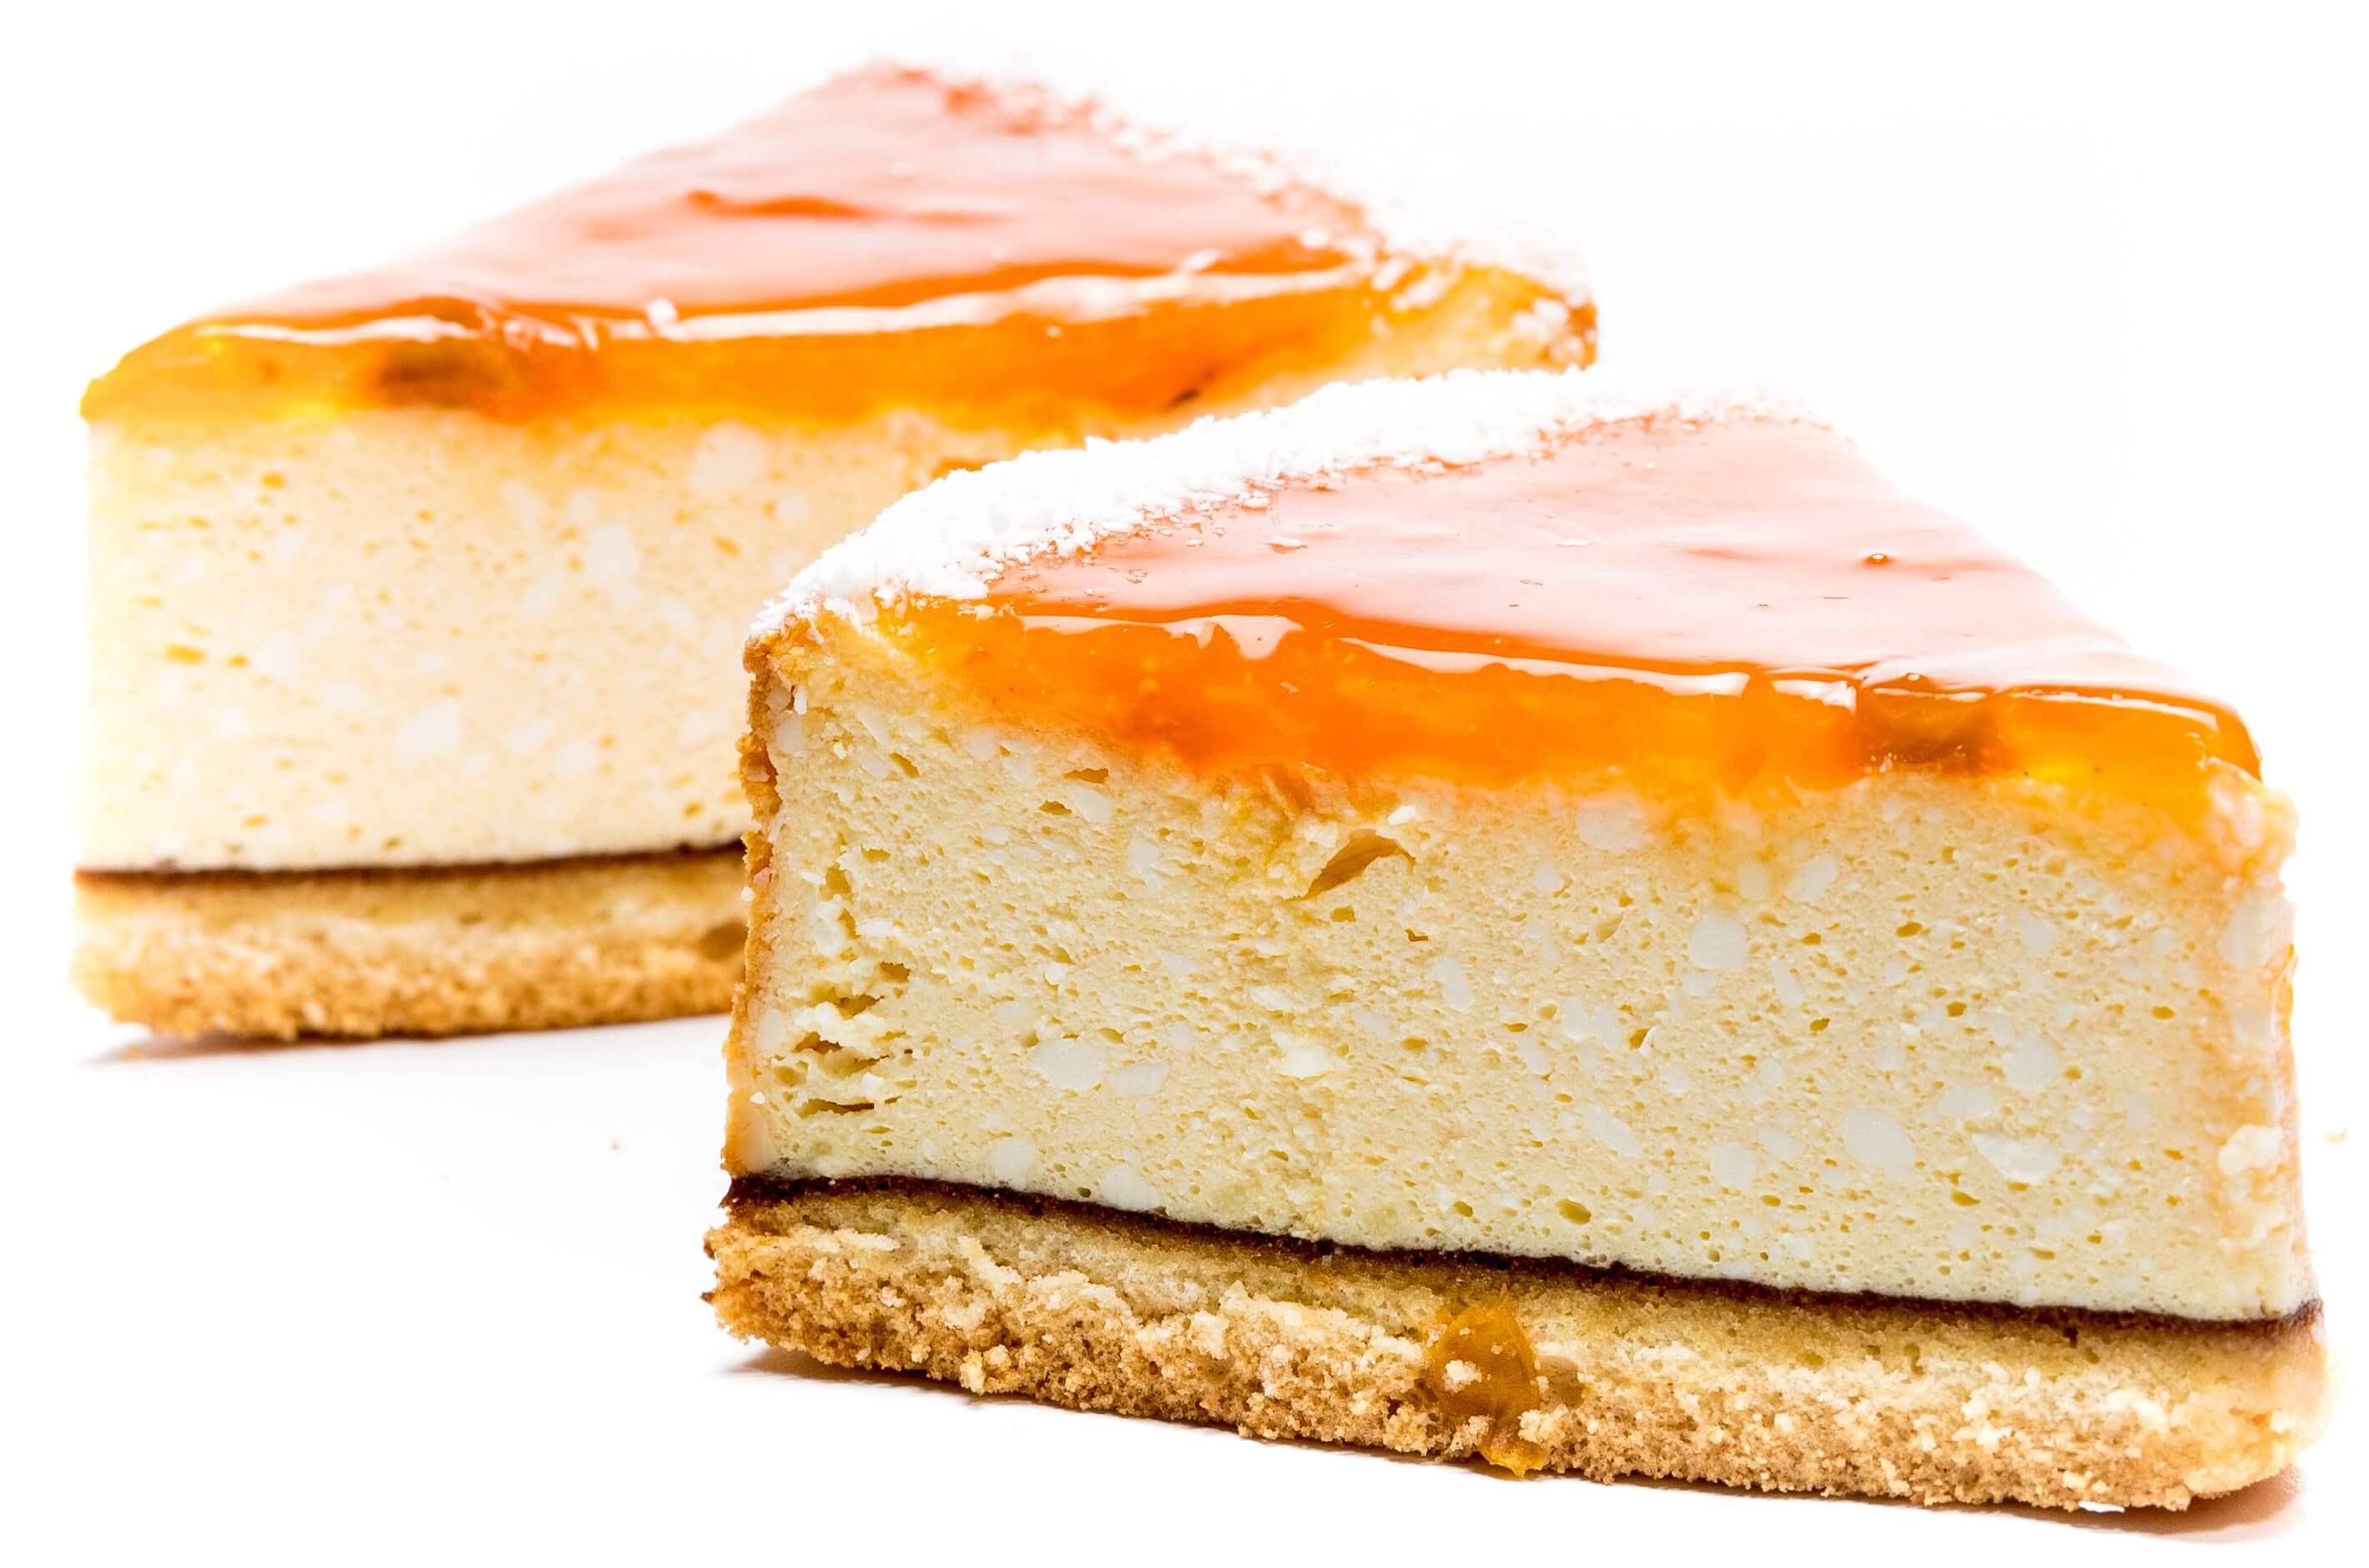 Пирожное бисквитно-творожное «Чизкейк с кусочками персика» фото 2